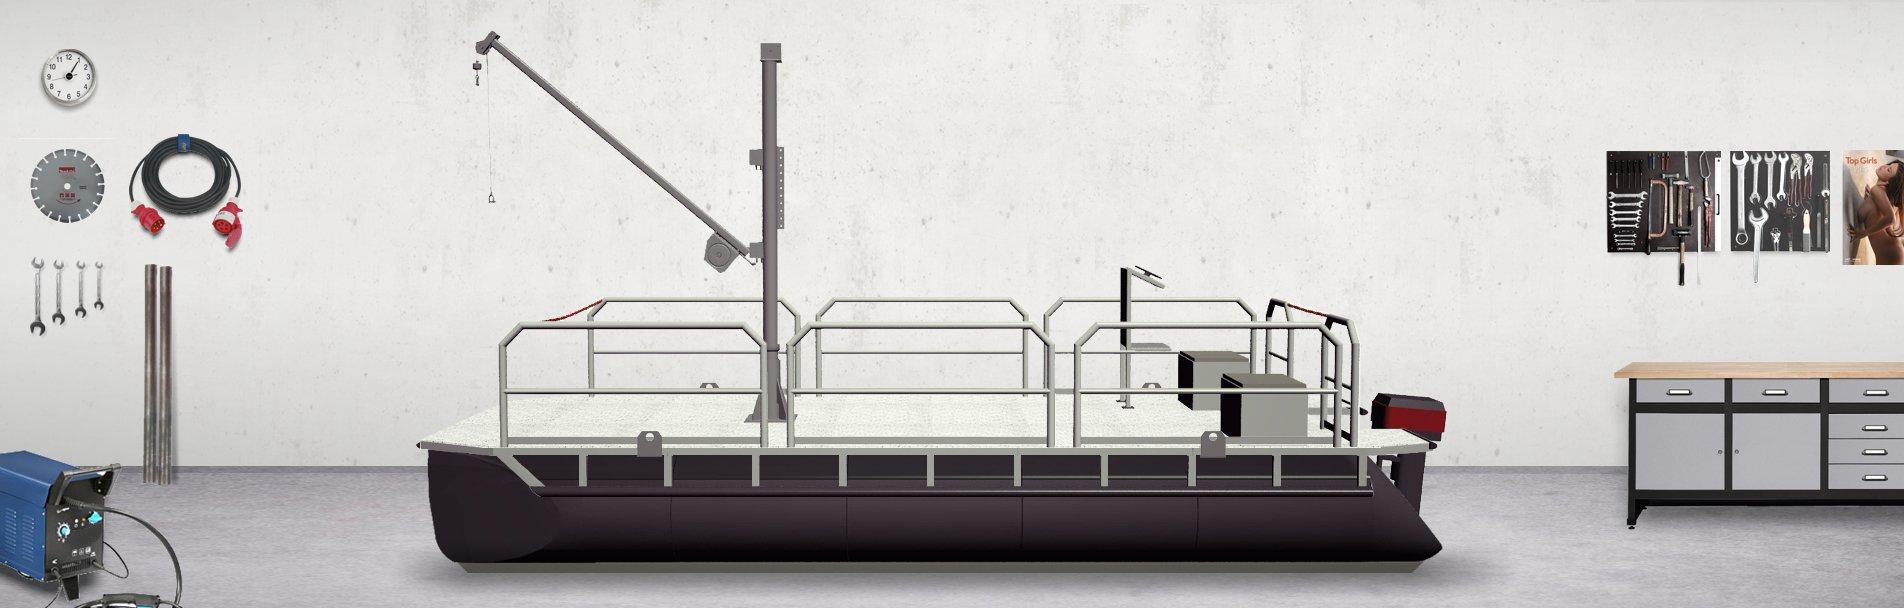 slide-8